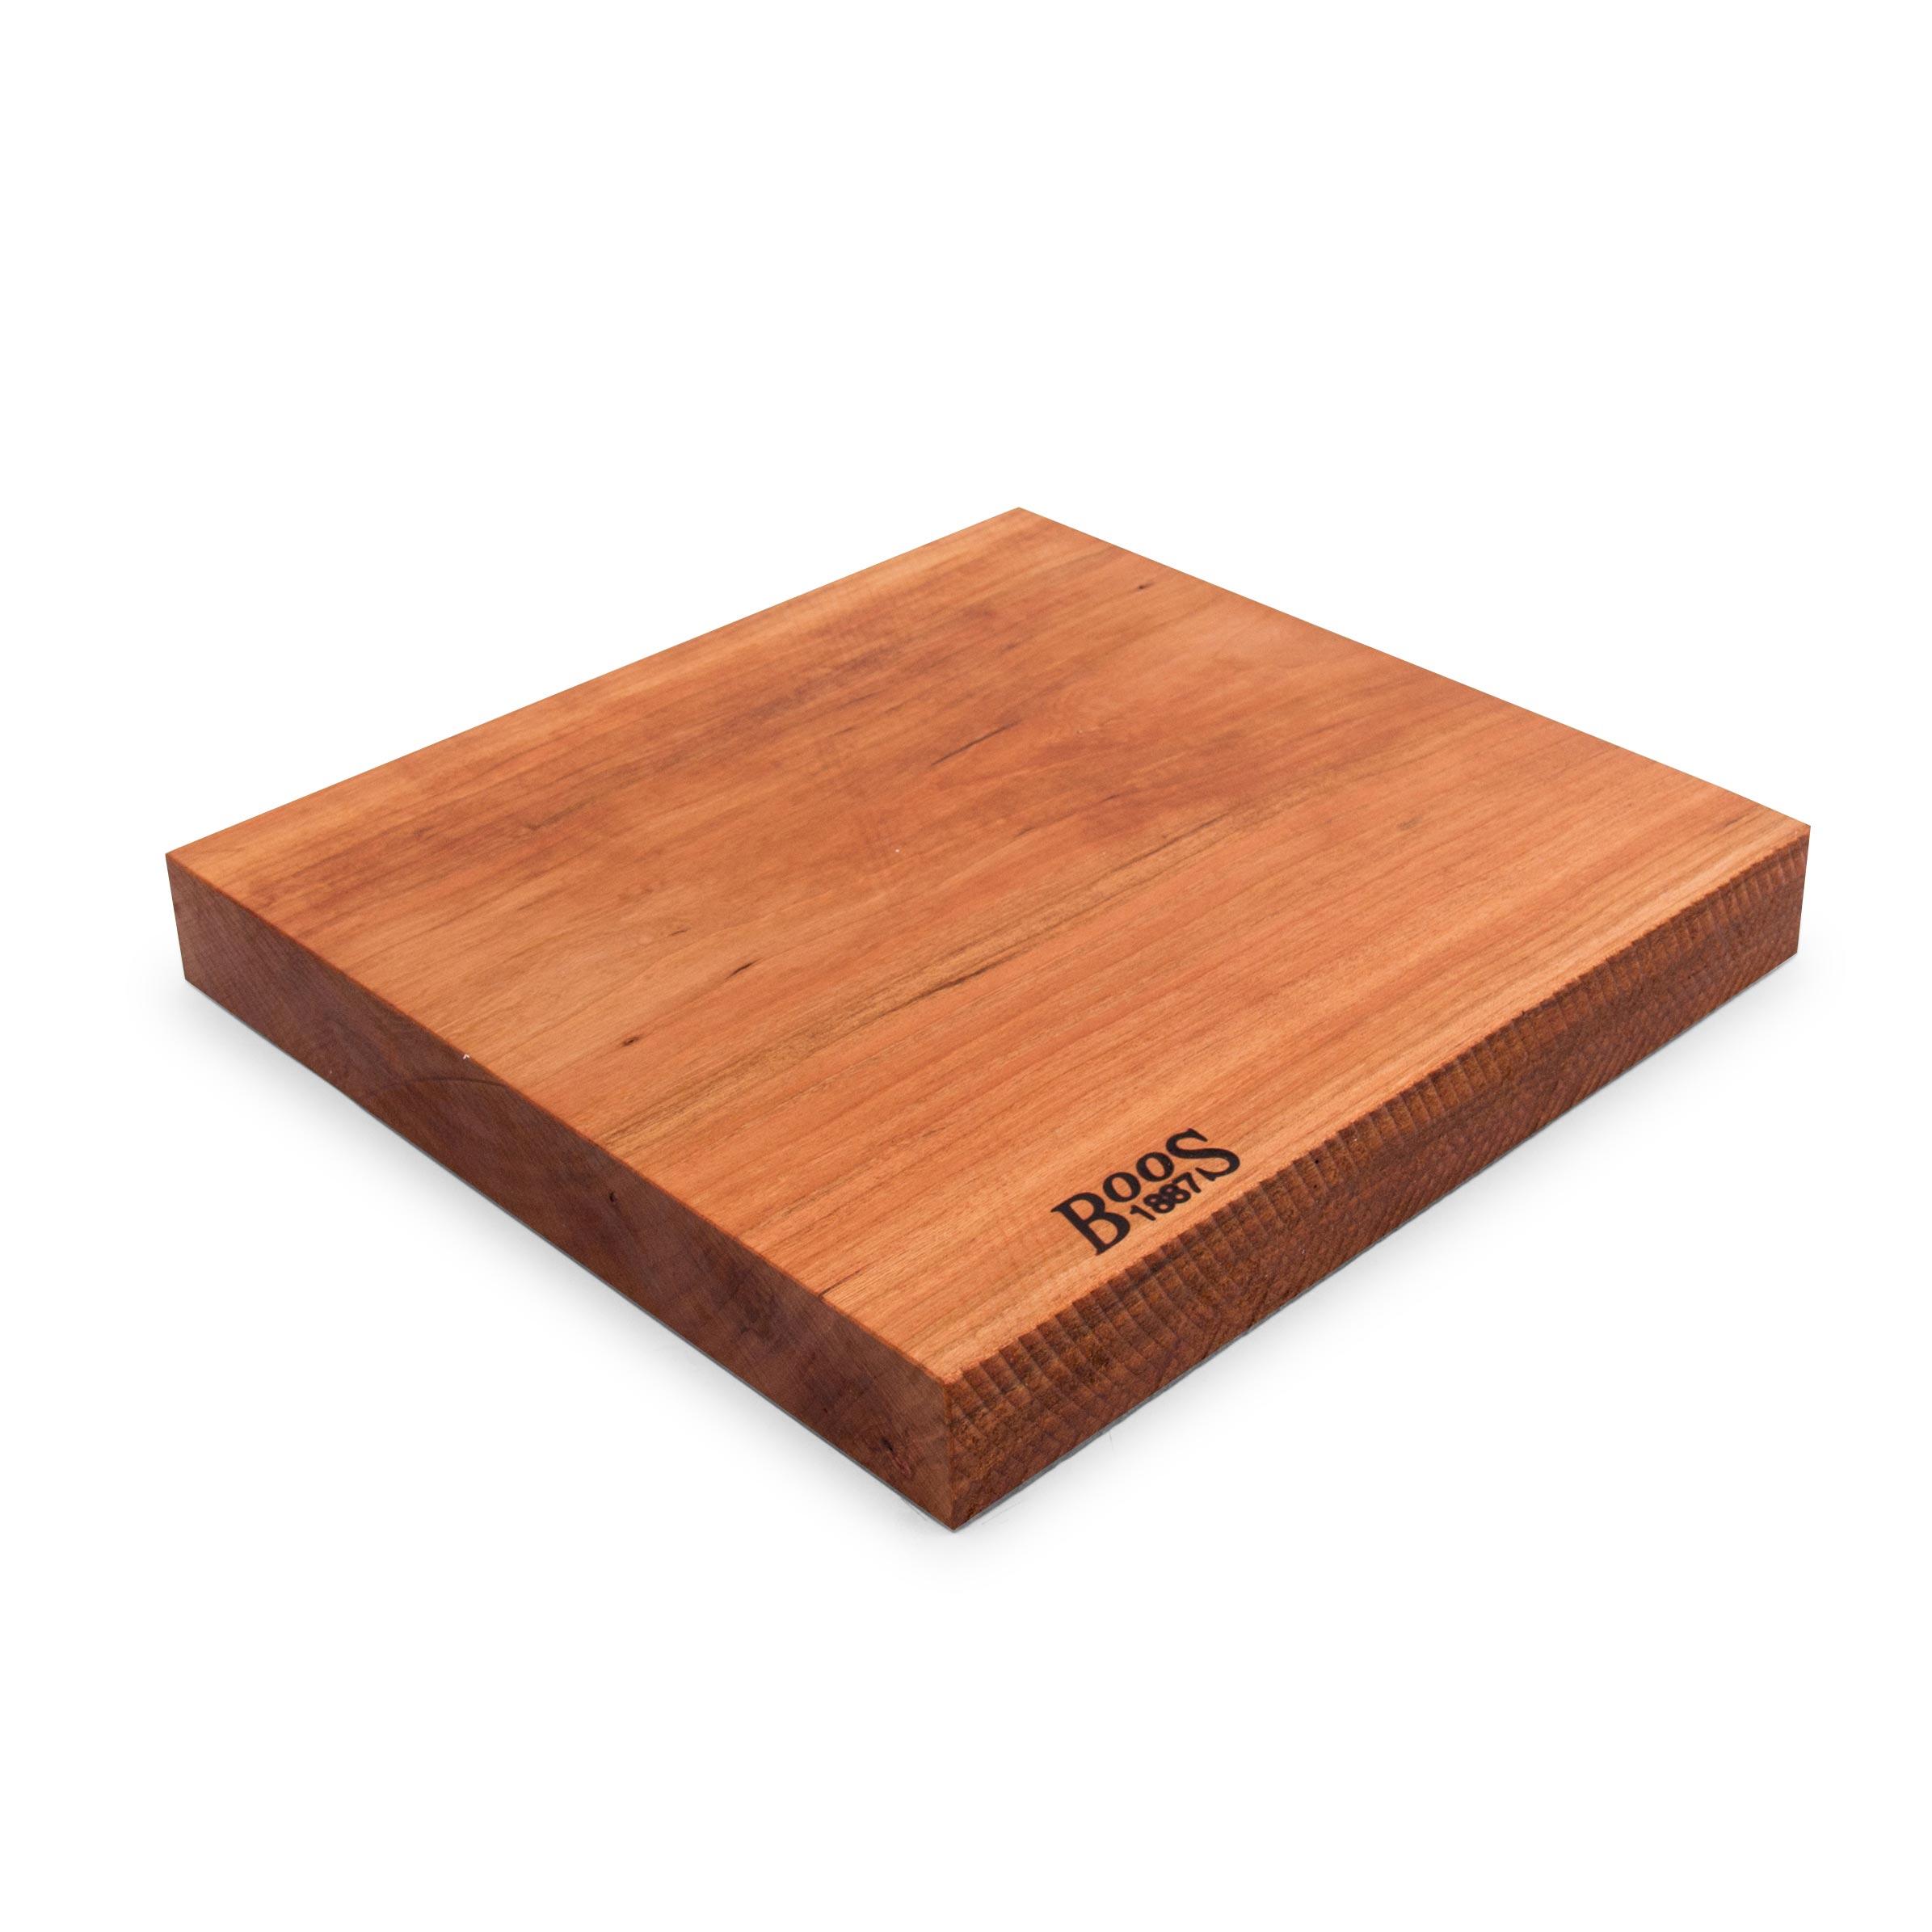 John Boos CHY-RST1312175 cutting board, wood